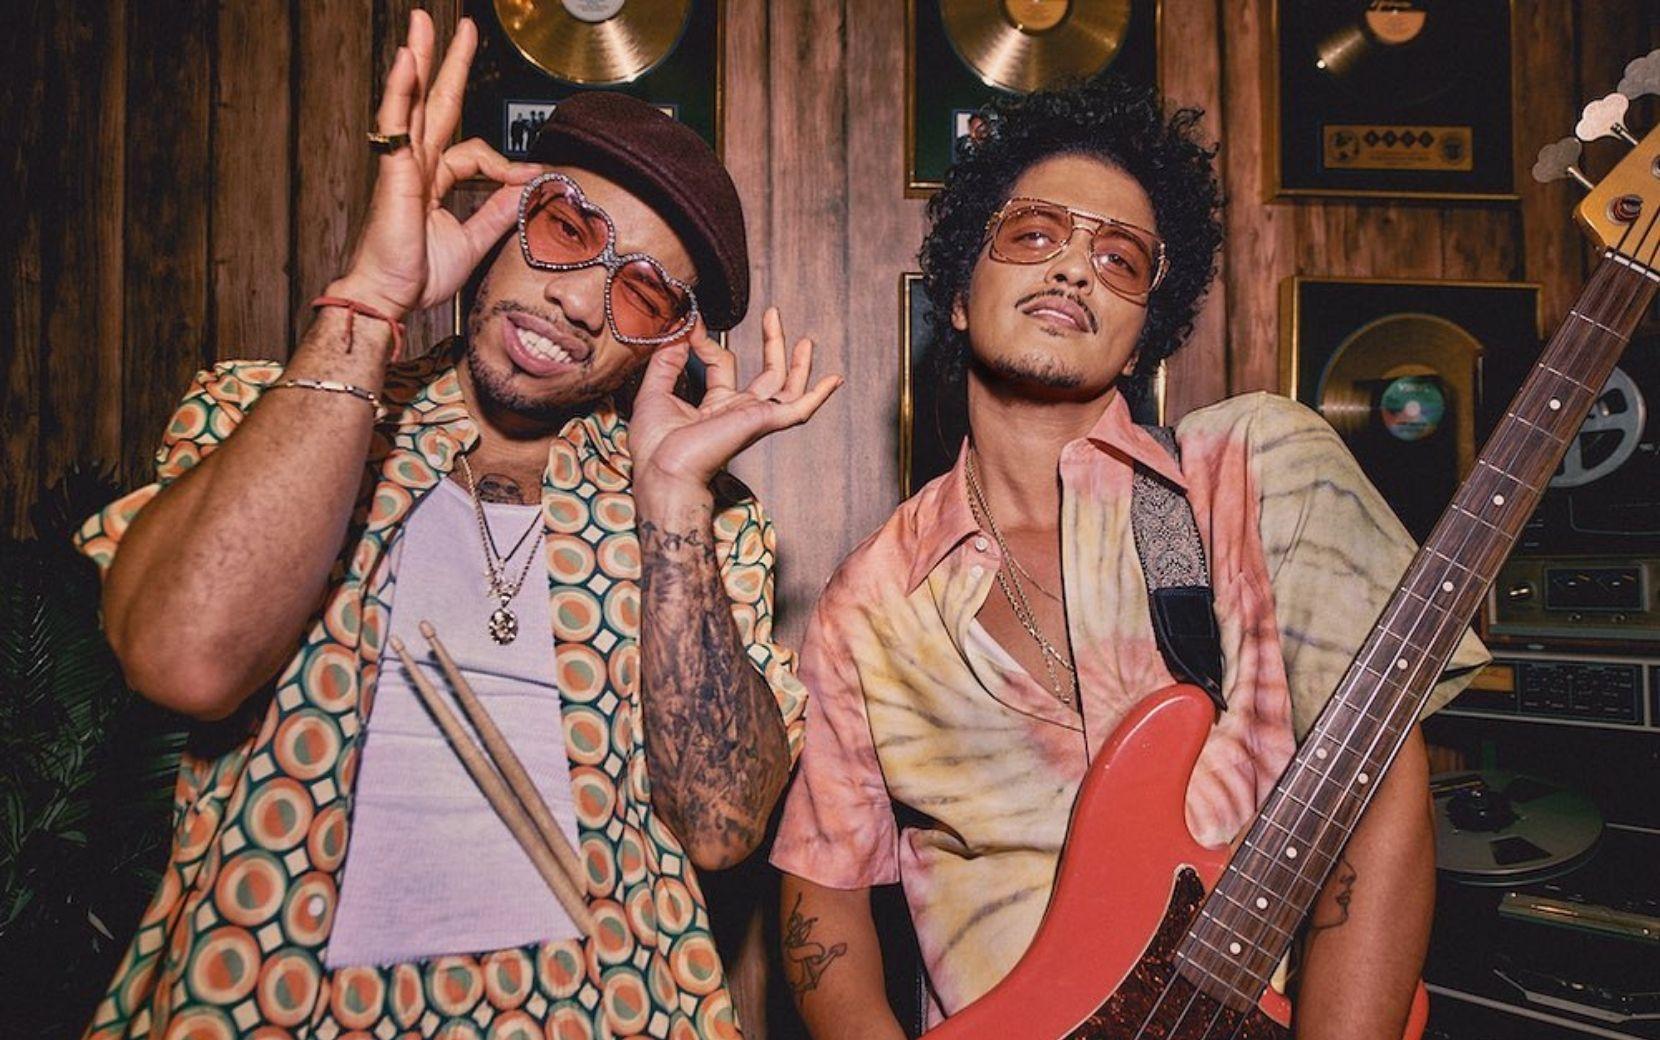 Mais uma performance no Grammy 2021: Bruno Mars e Anderson Paak se apresentarão como a banda Silk Sonic